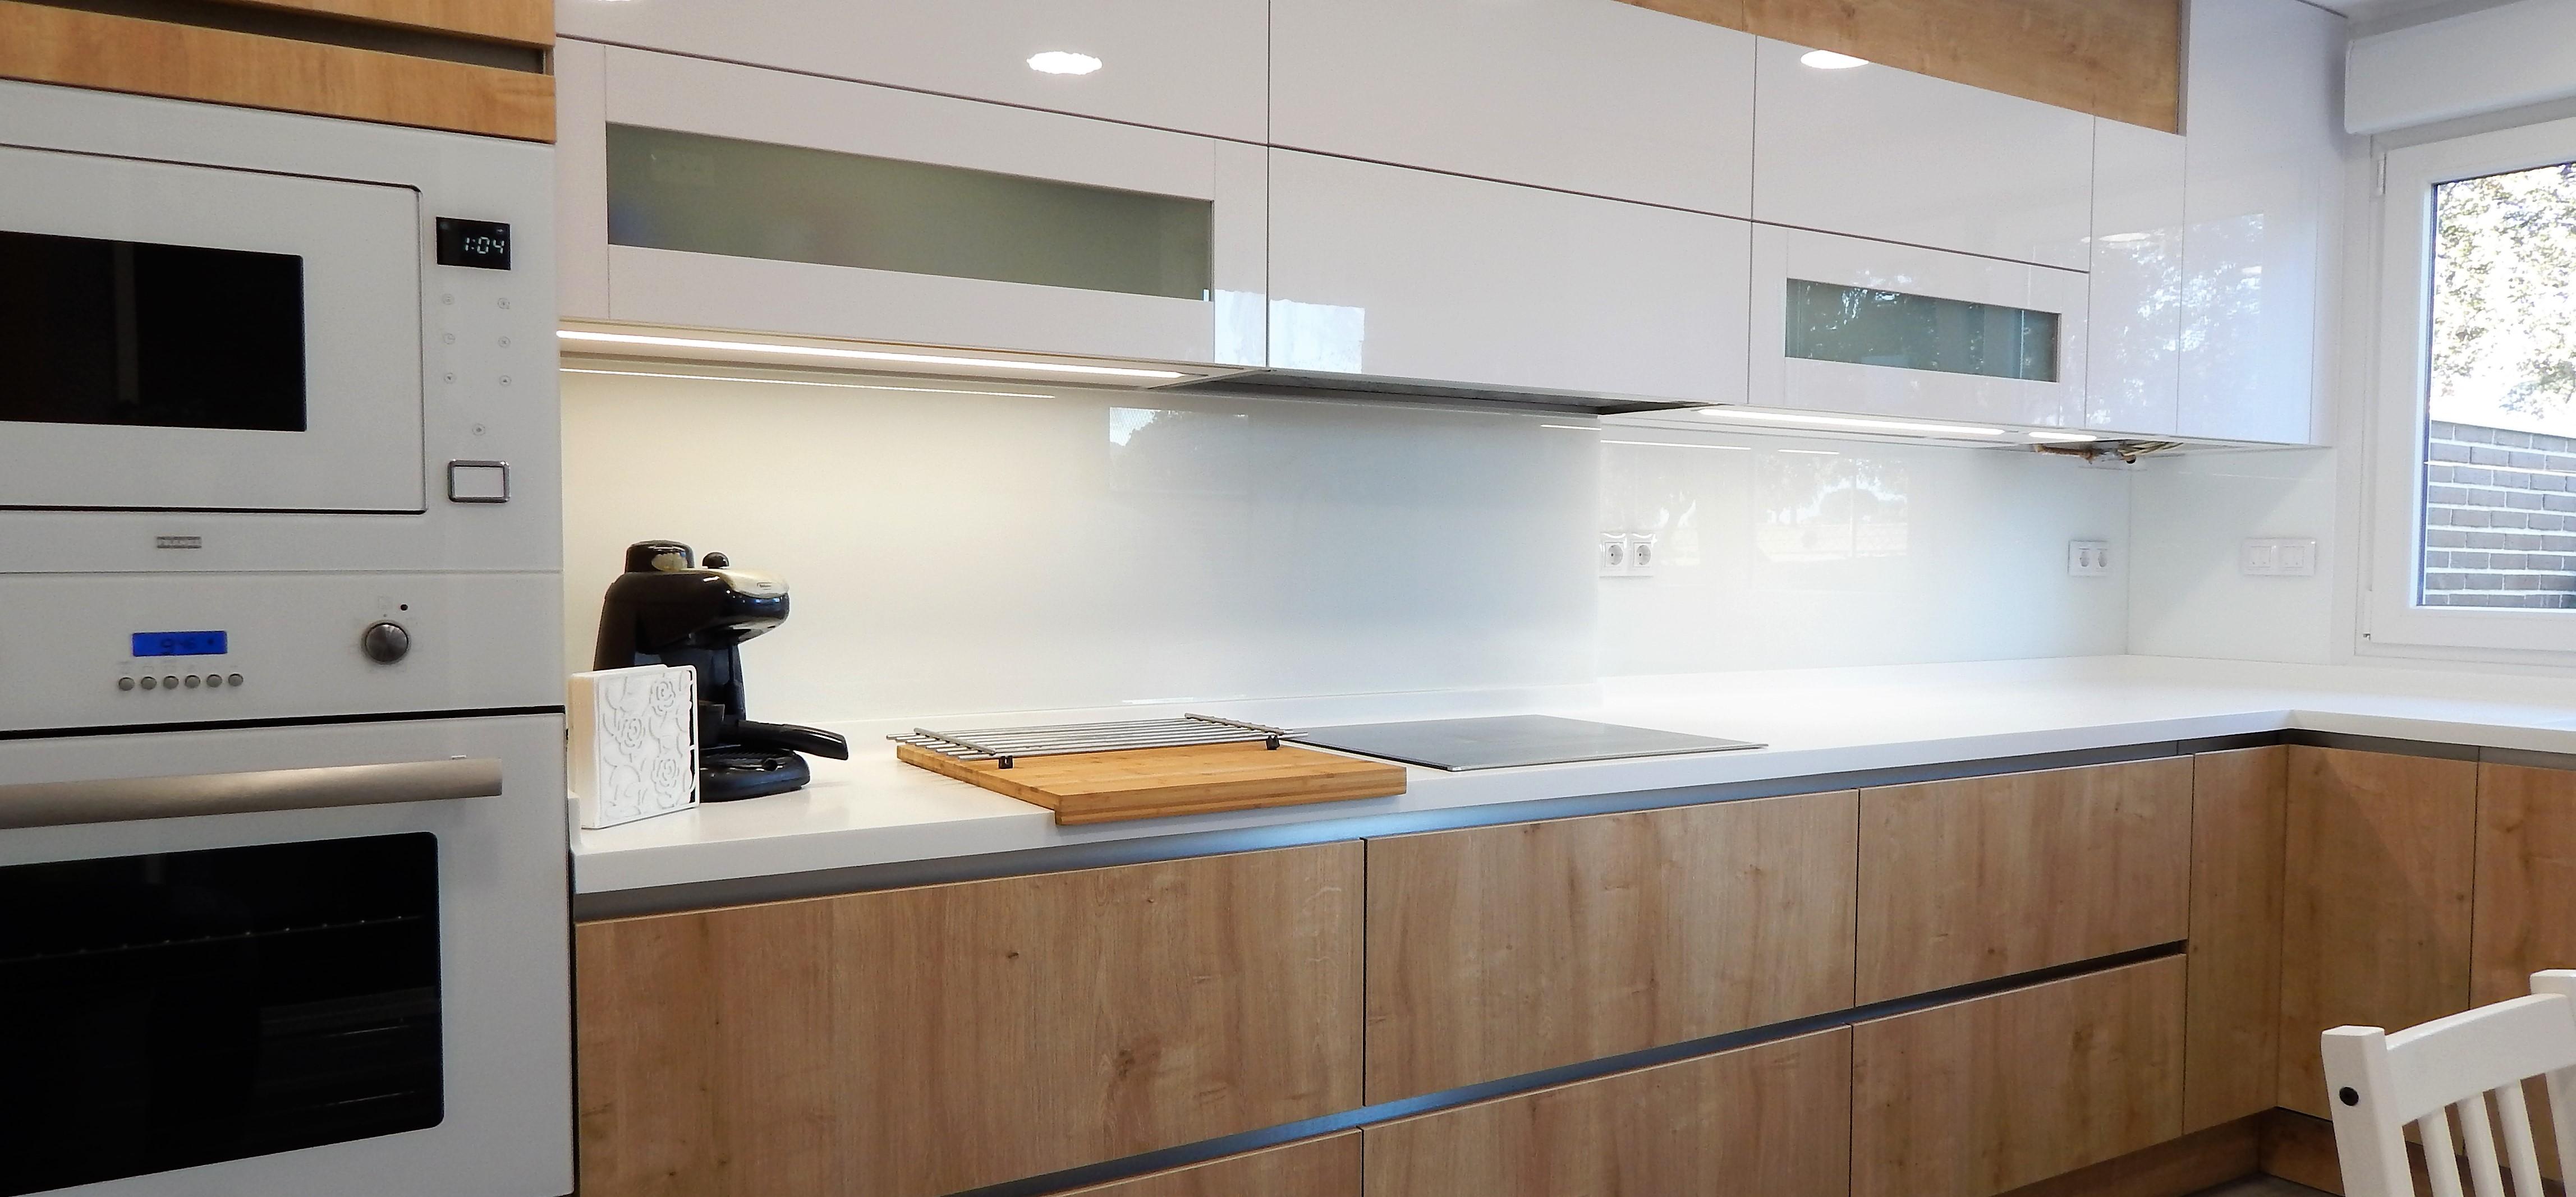 Muebles de cocina en madera de roble y blanco - Muebles cocina blanco ...